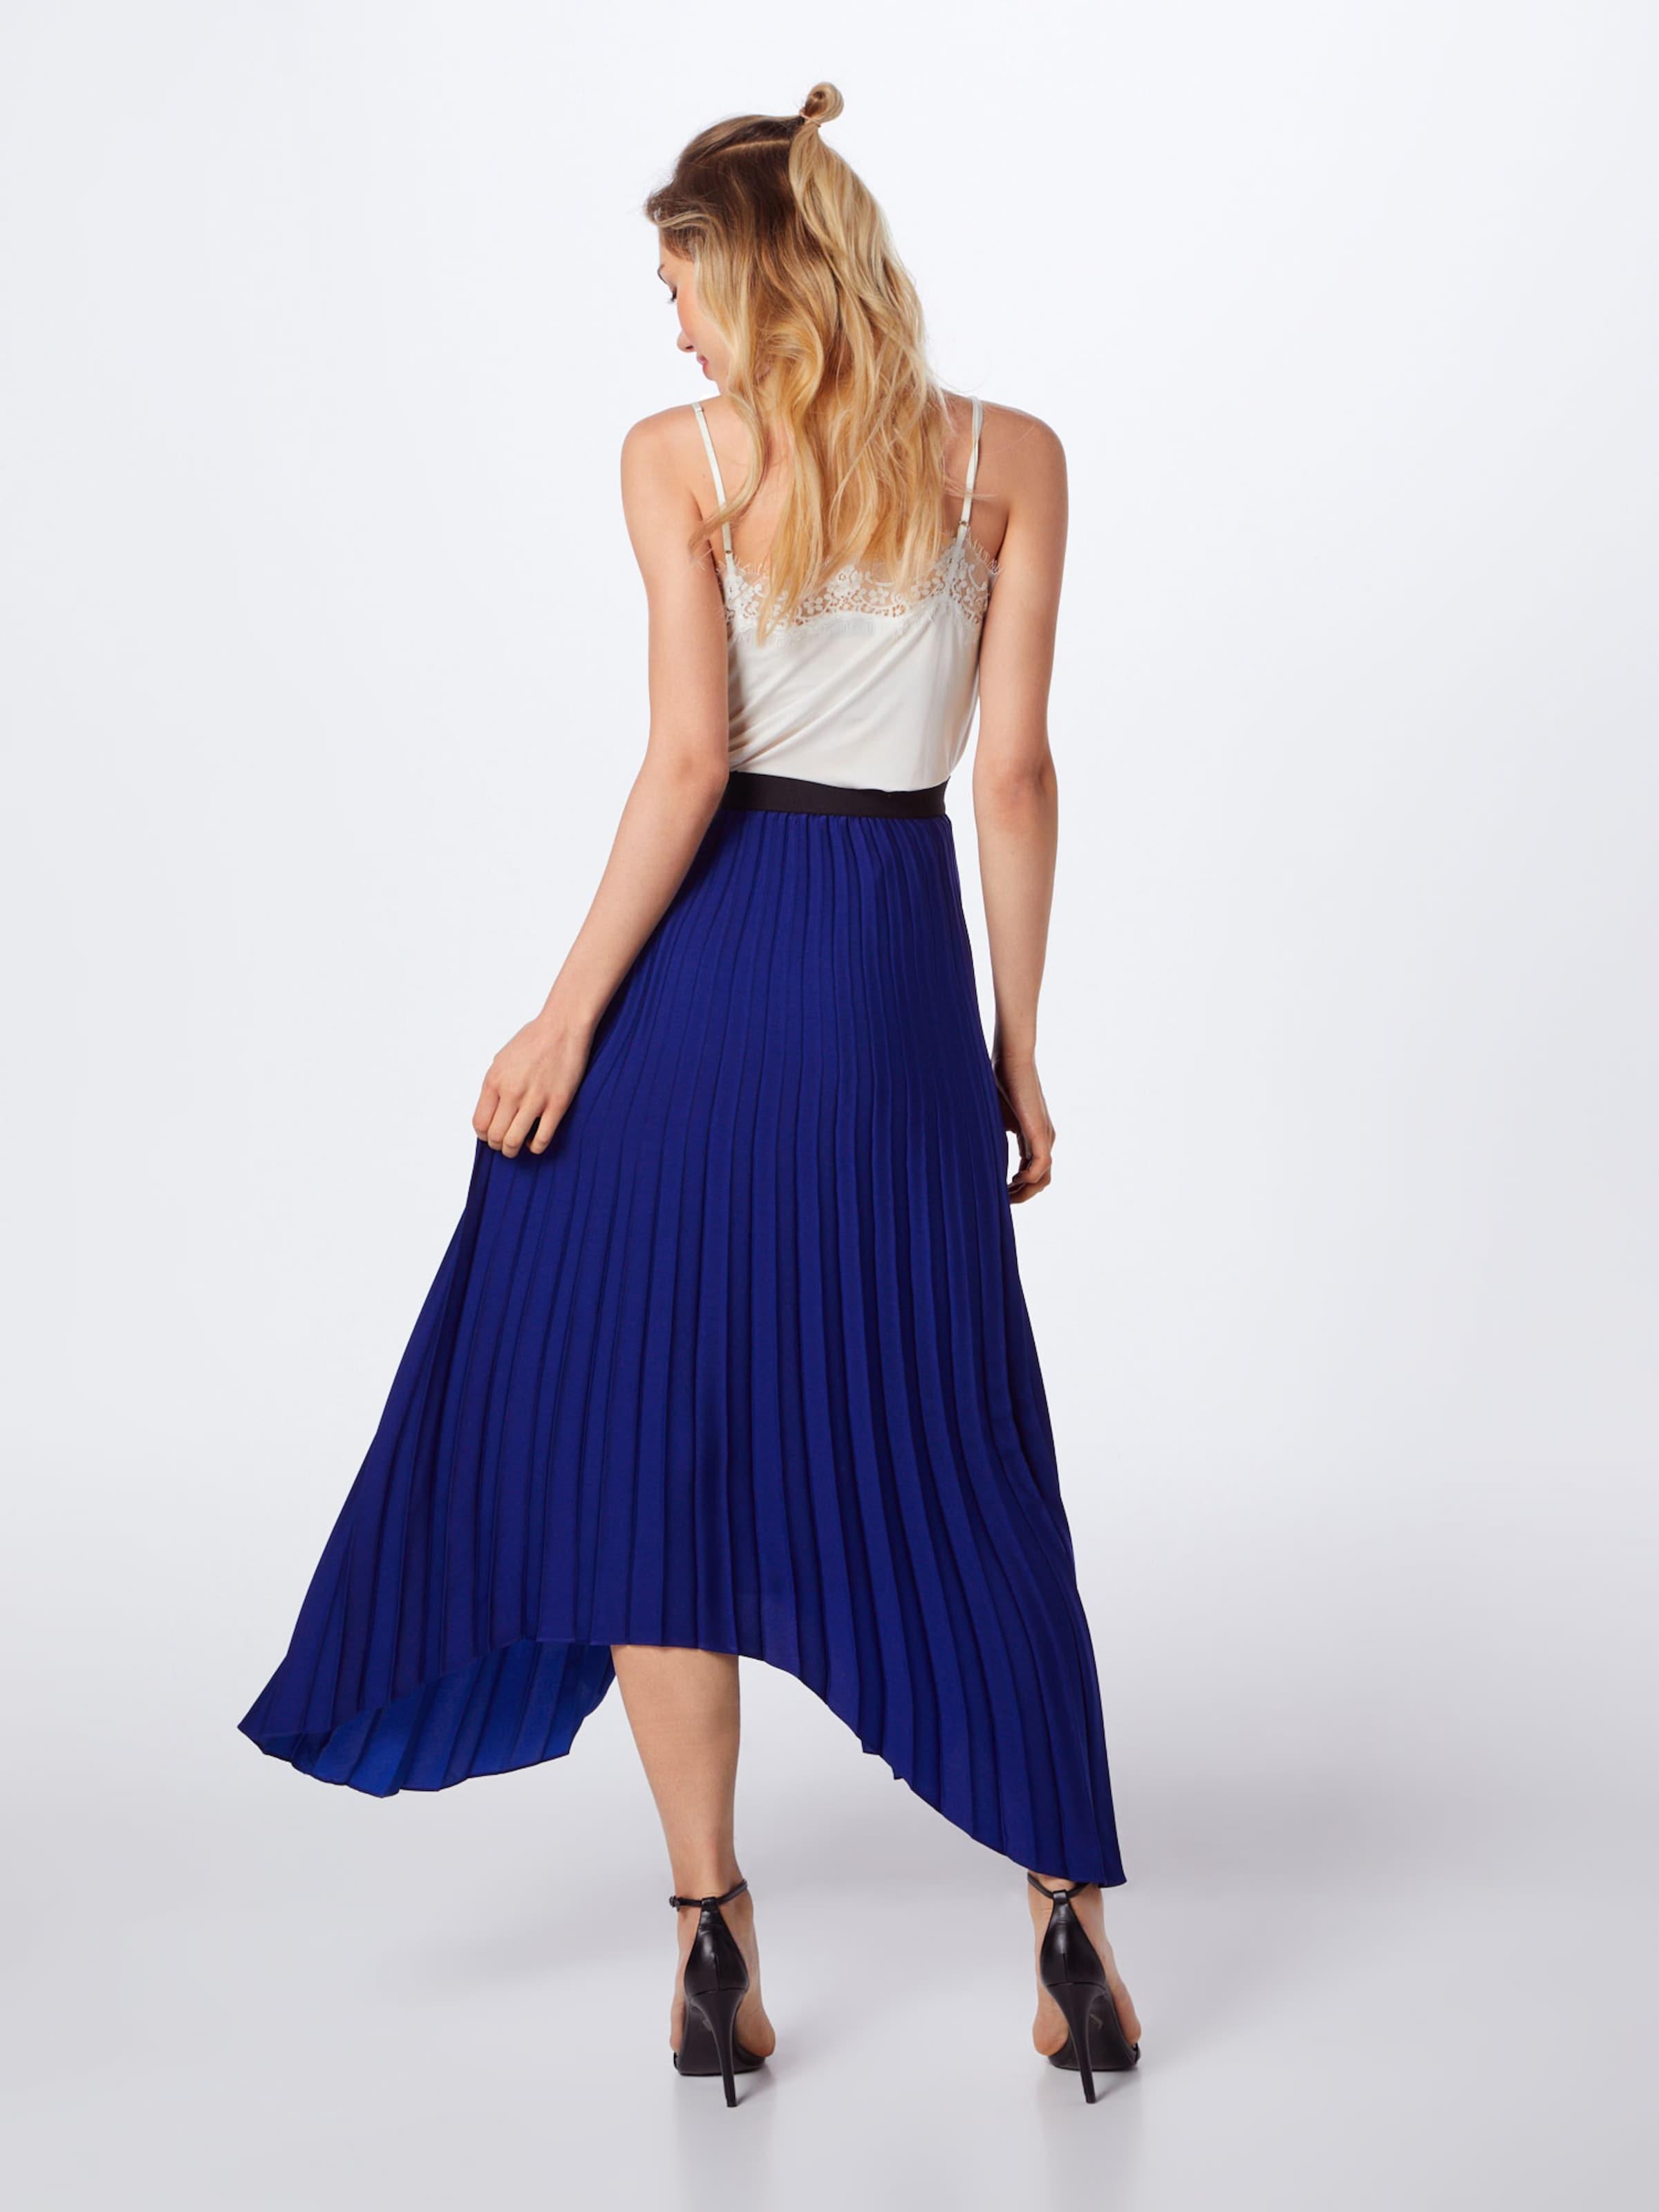 Jupe En Jupe Bleu Bleu Jupe Laurel Laurel En Laurel vON8n0mw